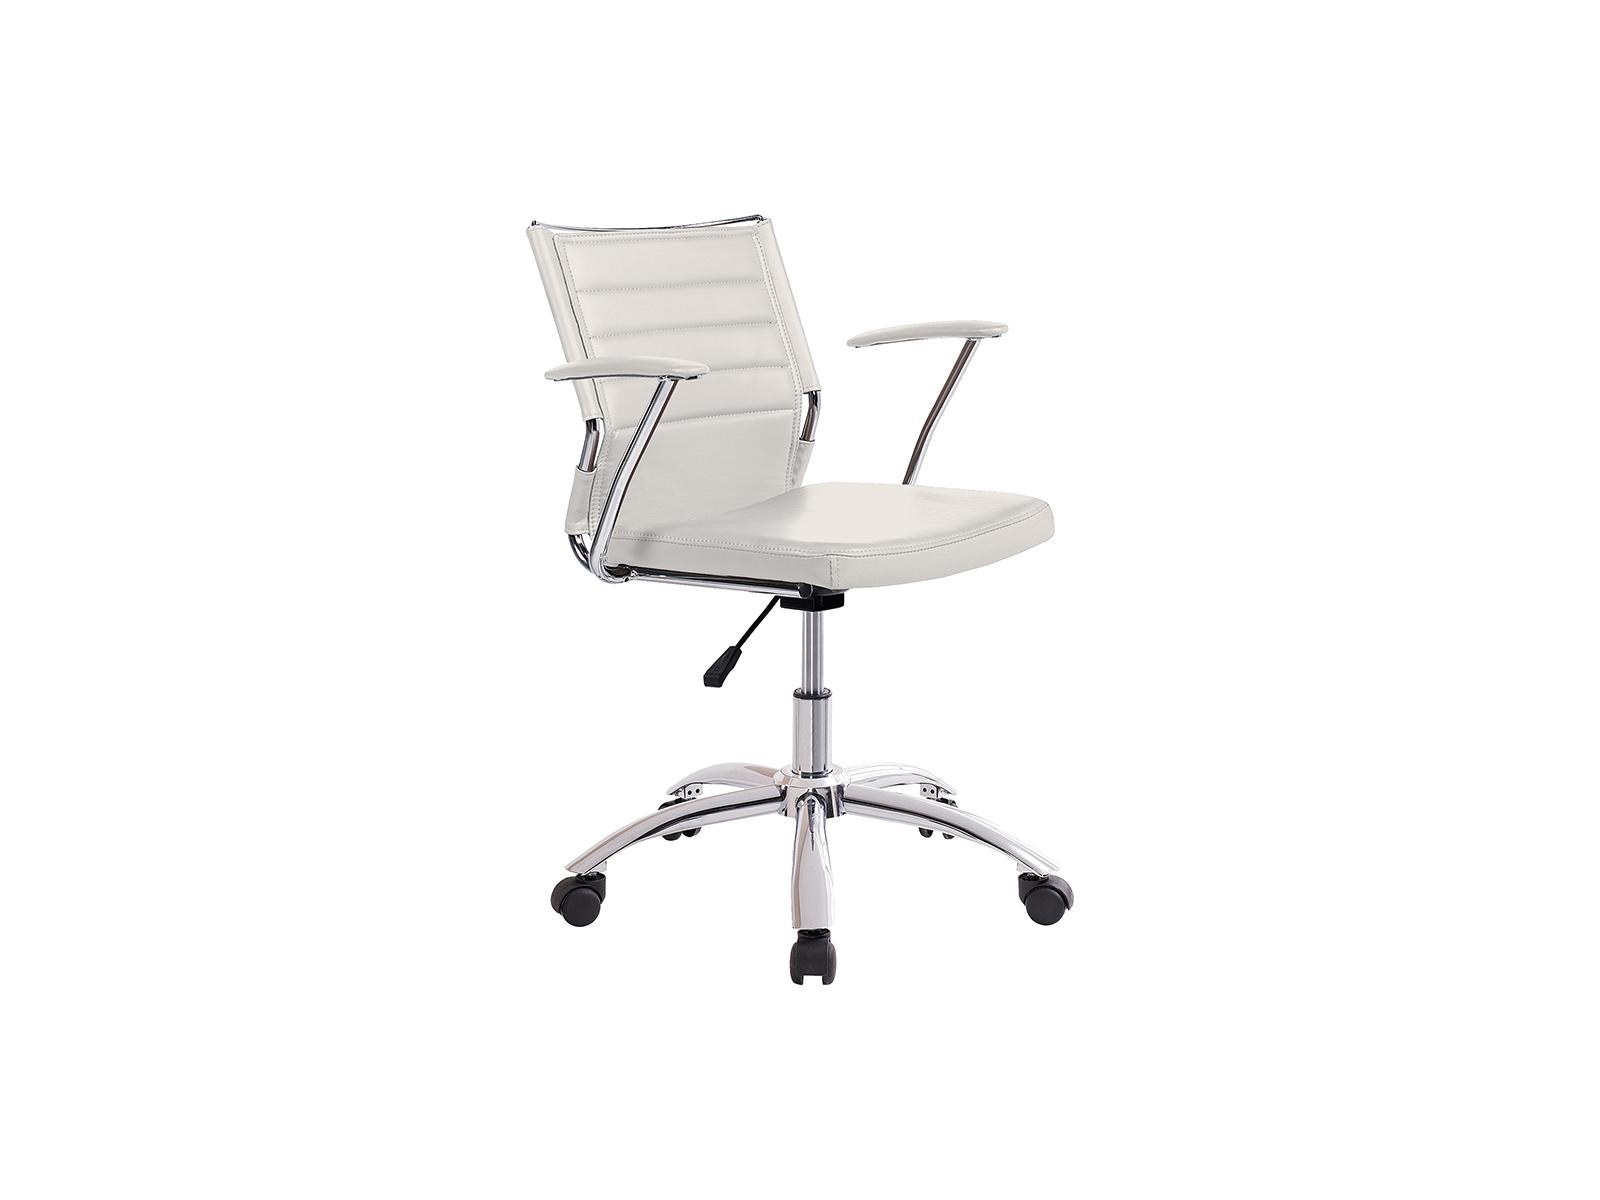 Muebles de oficina en Valladolid. Despachos y sillas de oficina